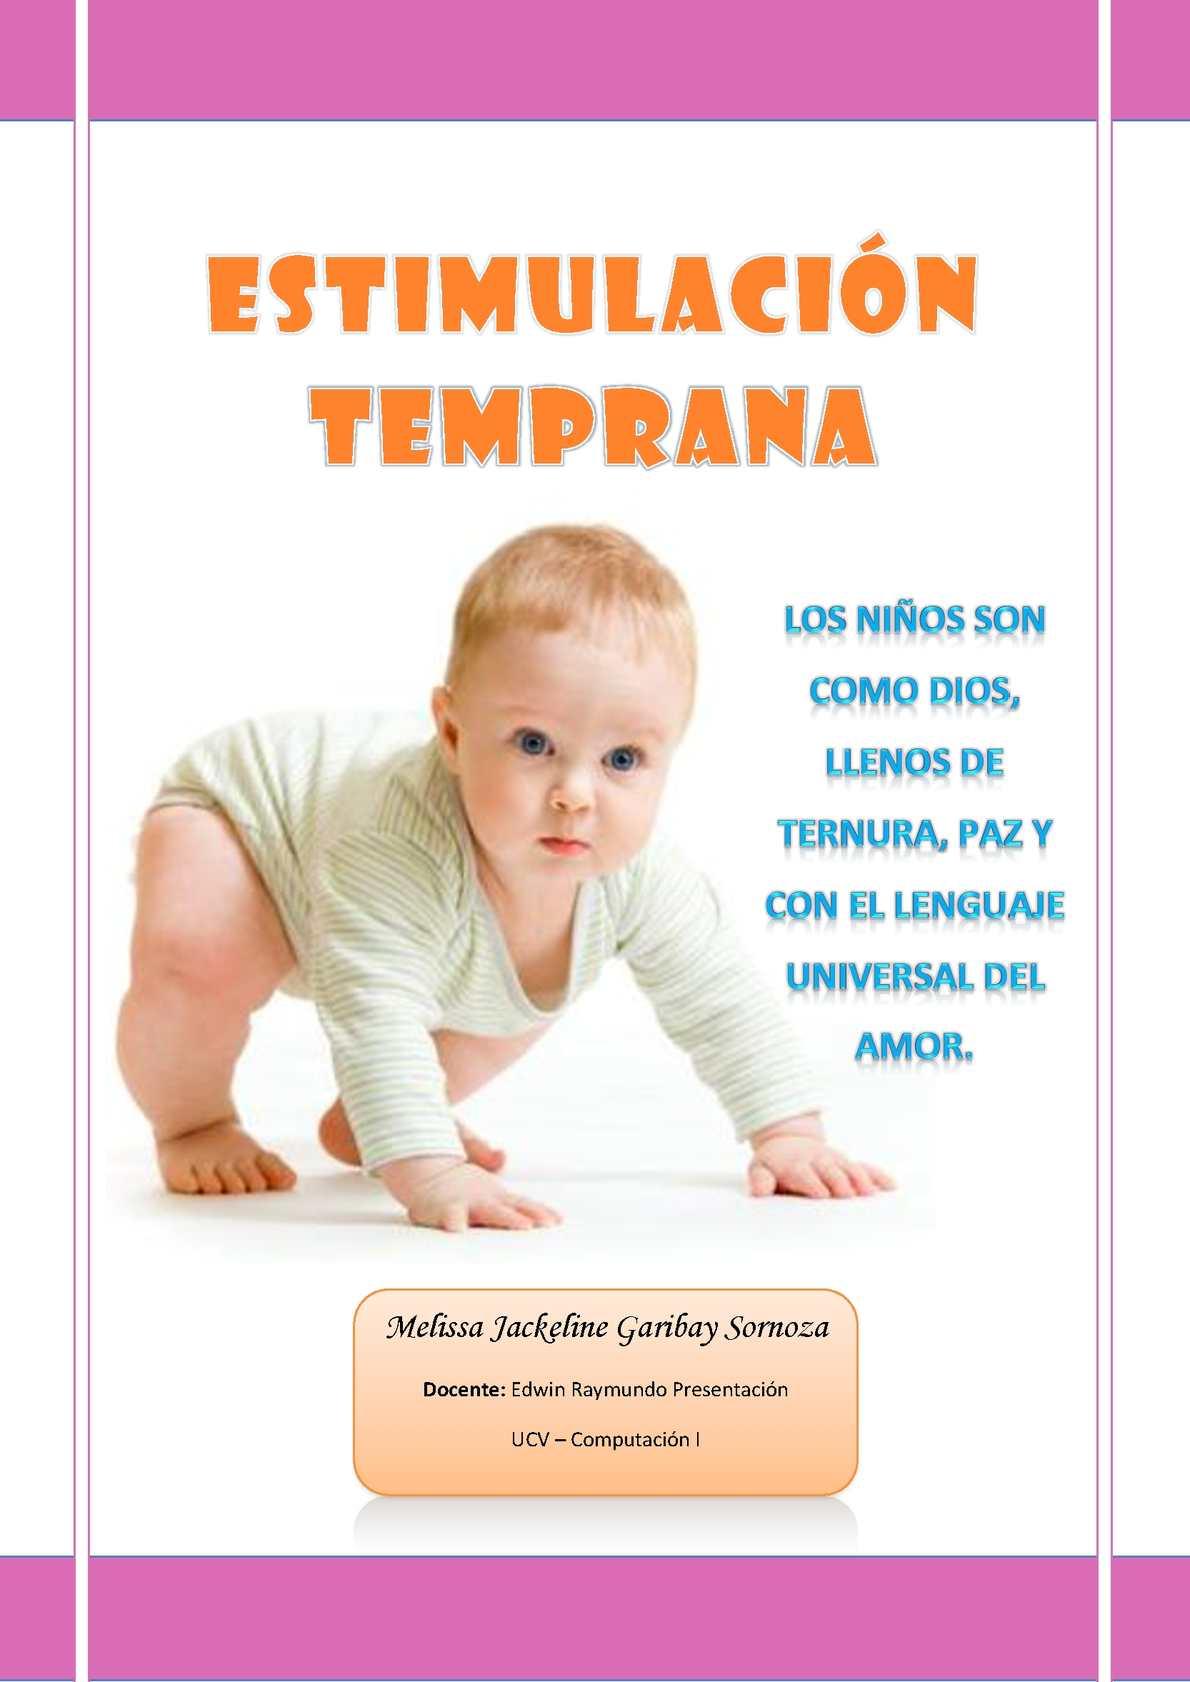 Calam o revista de estimulaci n temprana - Estimulacion bebe 3 meses ...